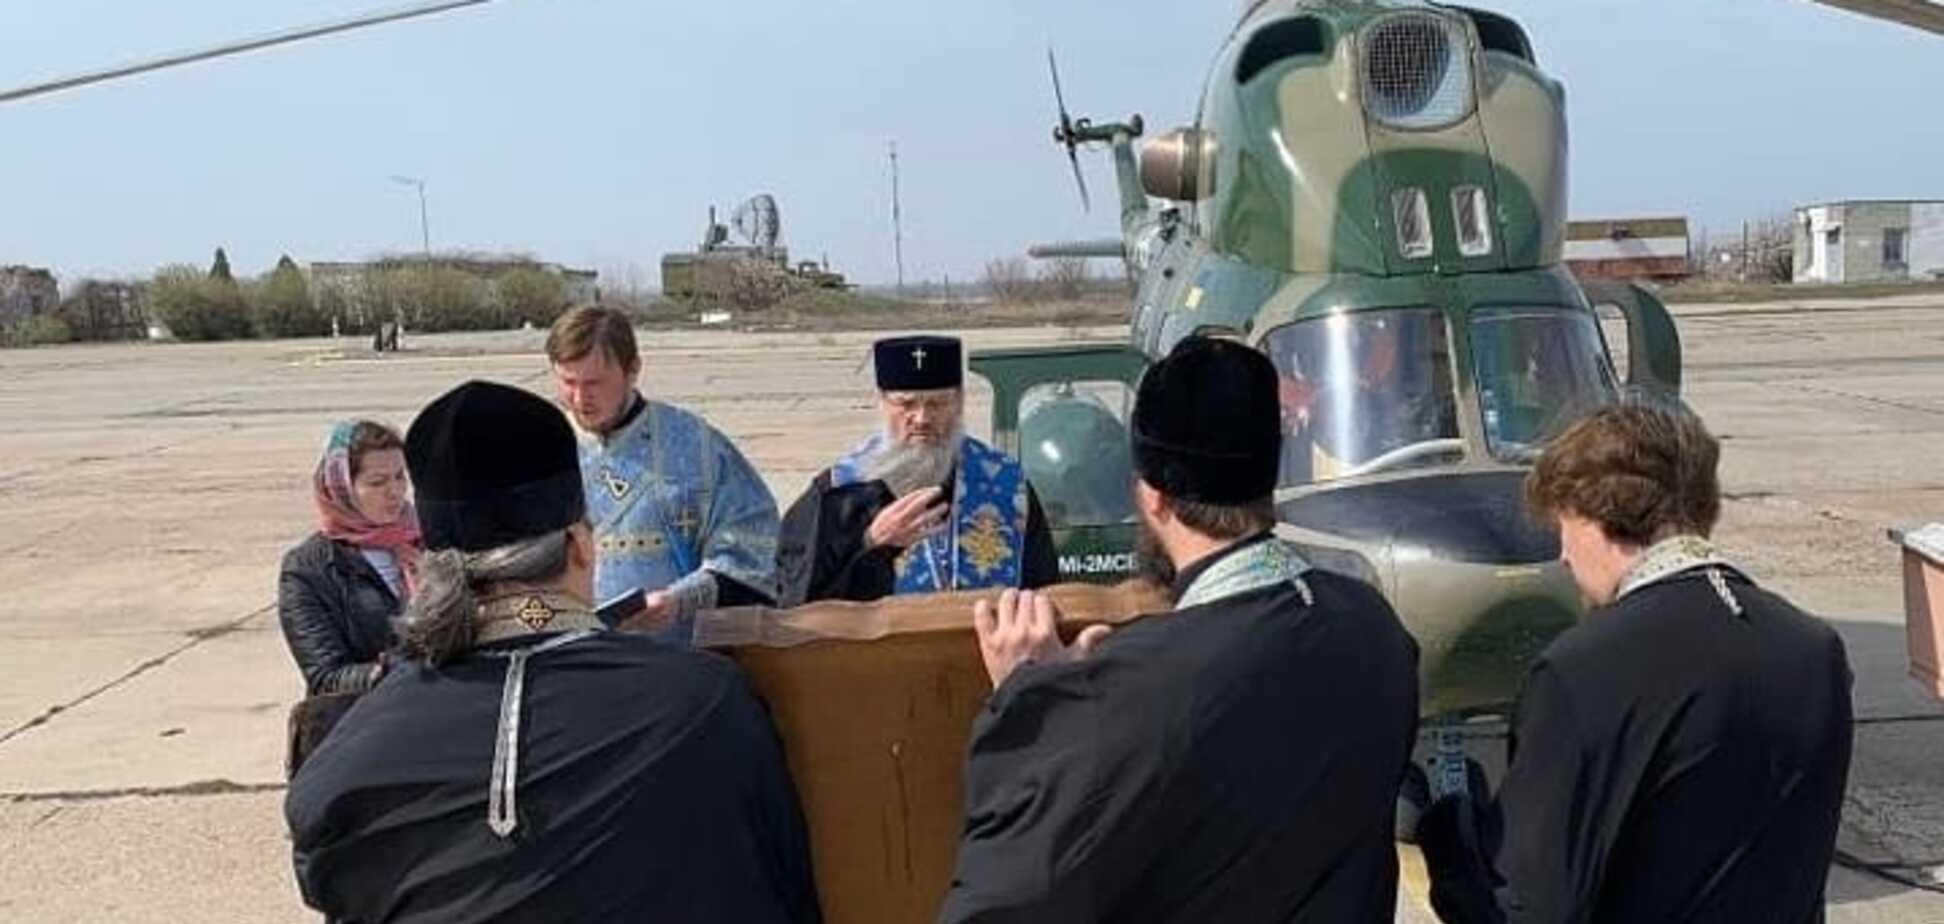 Священники УПЦ МП провели 'воздушный крестный ход' против коронавируса. Фото и видео